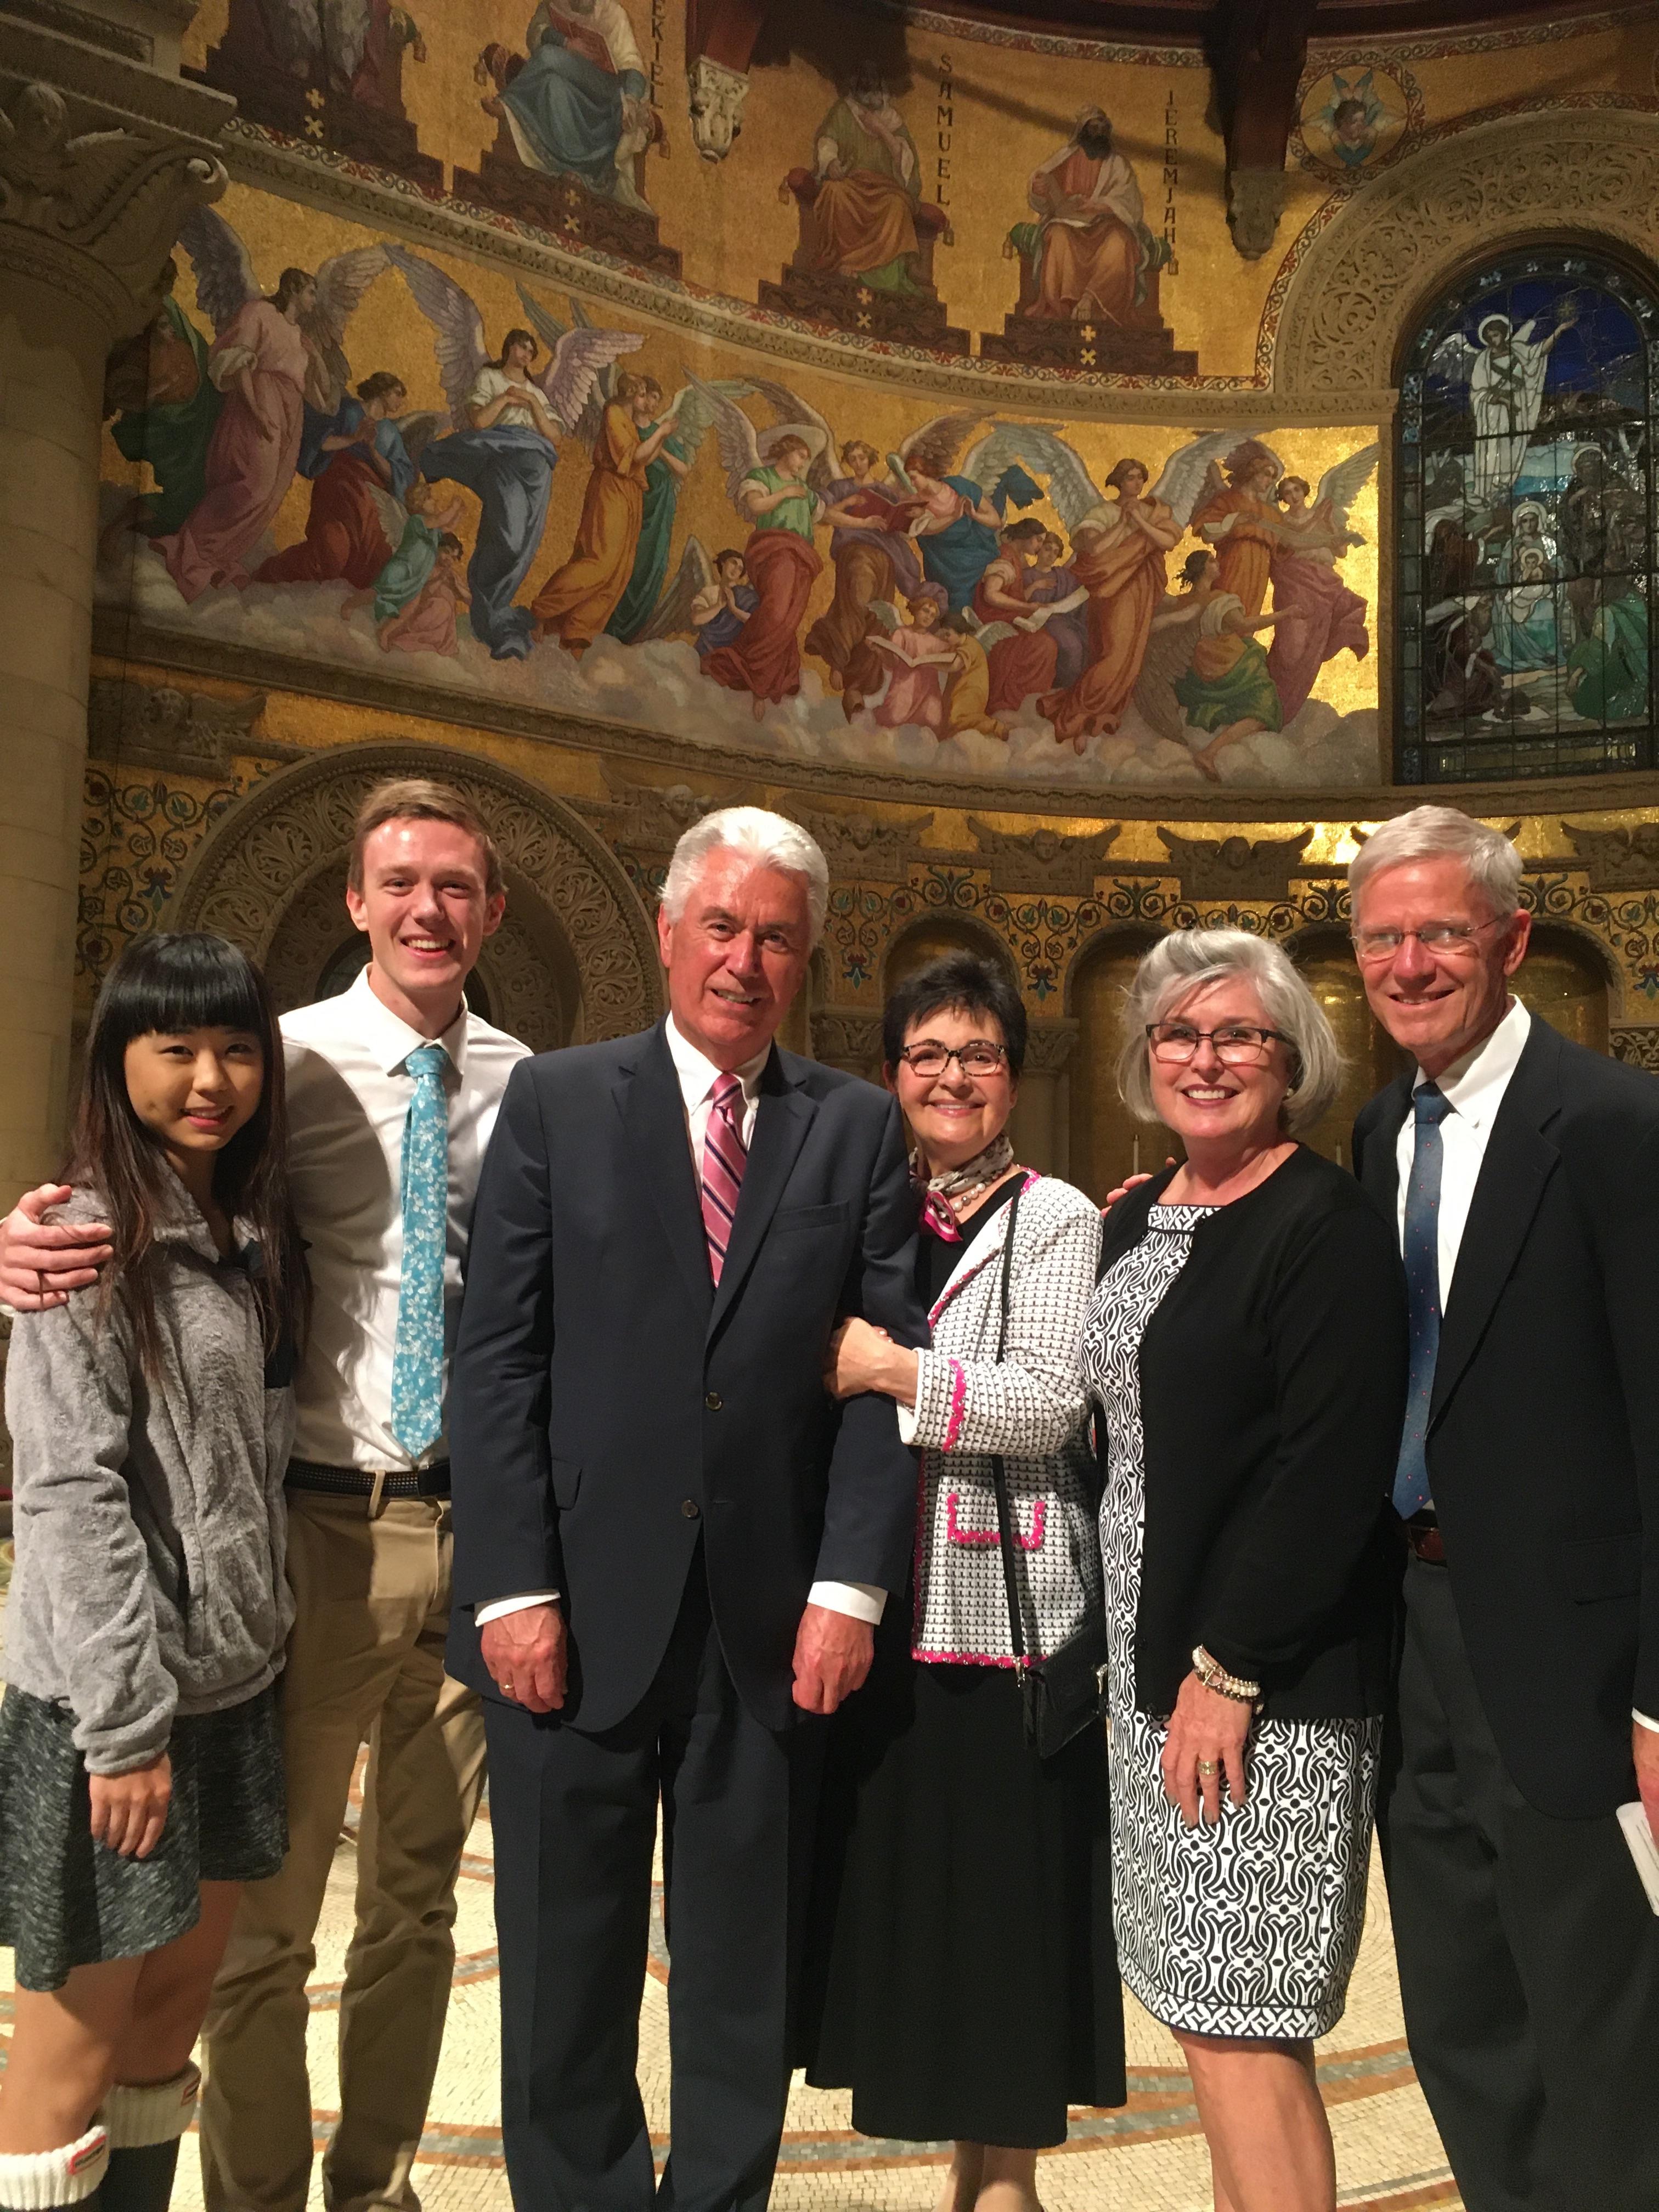 Da esquerda: Kimmy Welch, Nicholas Welch, élder Dieter F. Uchtdorf, irmã Harriet Uchtdorf, Deanne Welch e James Welch posam para uma foto após devocional para jovens adultos na Igreja Memorial de Stanford, no dia 27 de outubro.